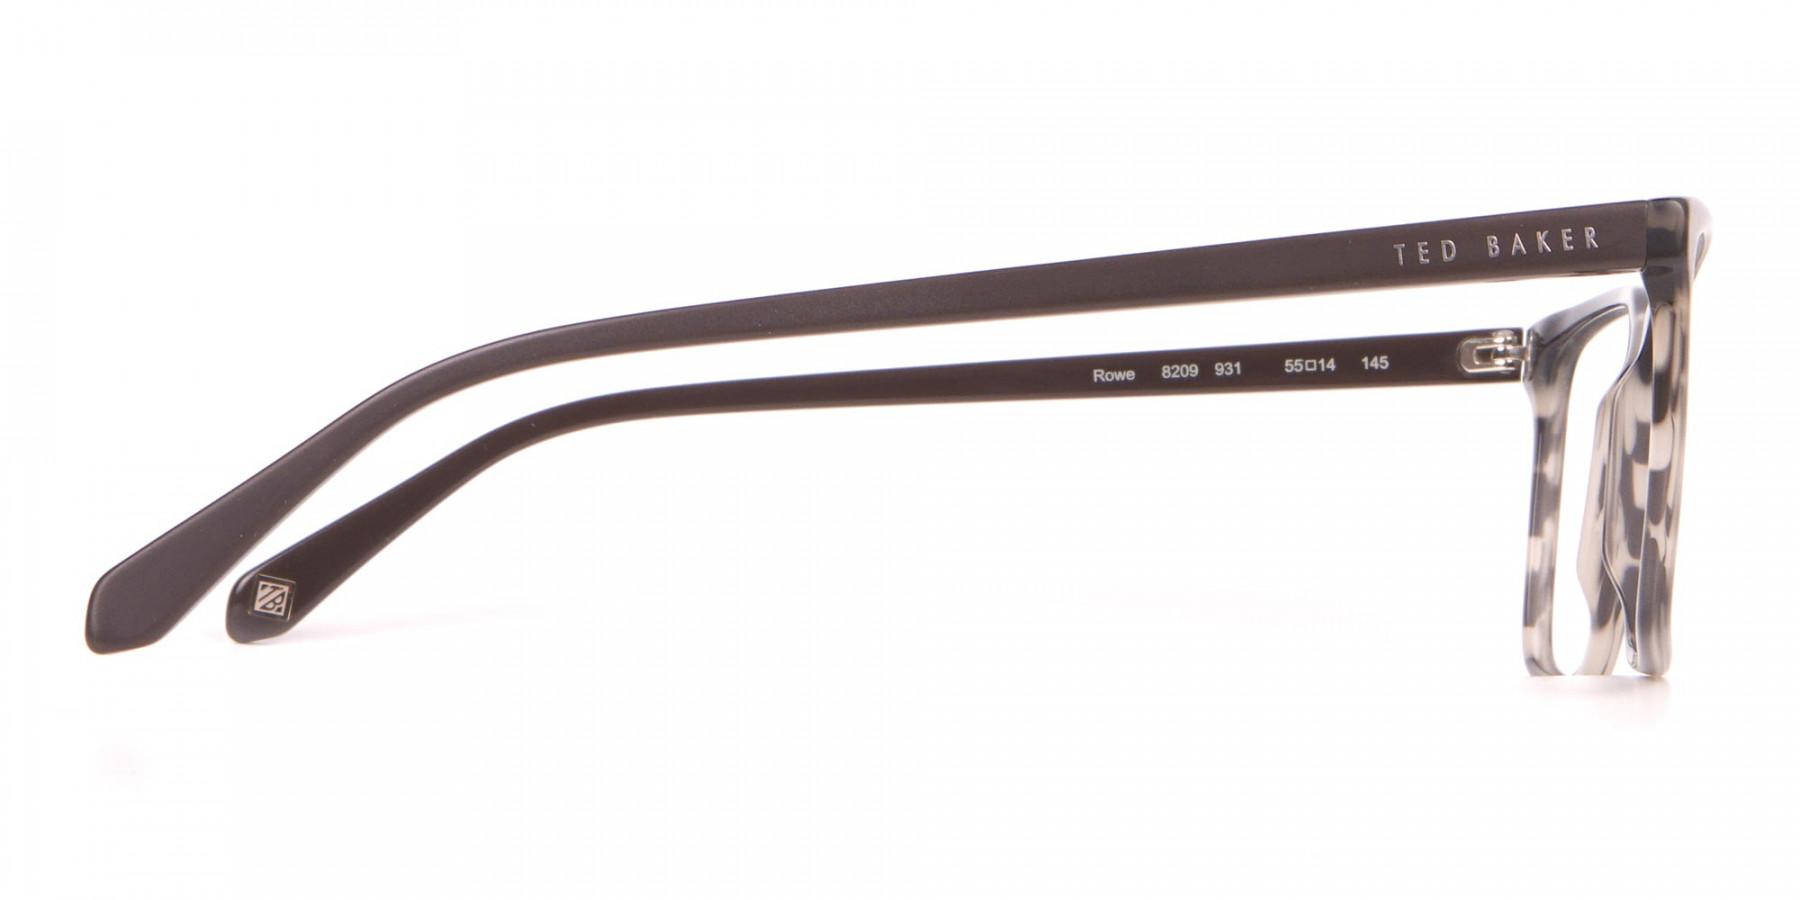 TED BAKER TB8209 ROWE Rectangular Glasses Grey Tortoise-1